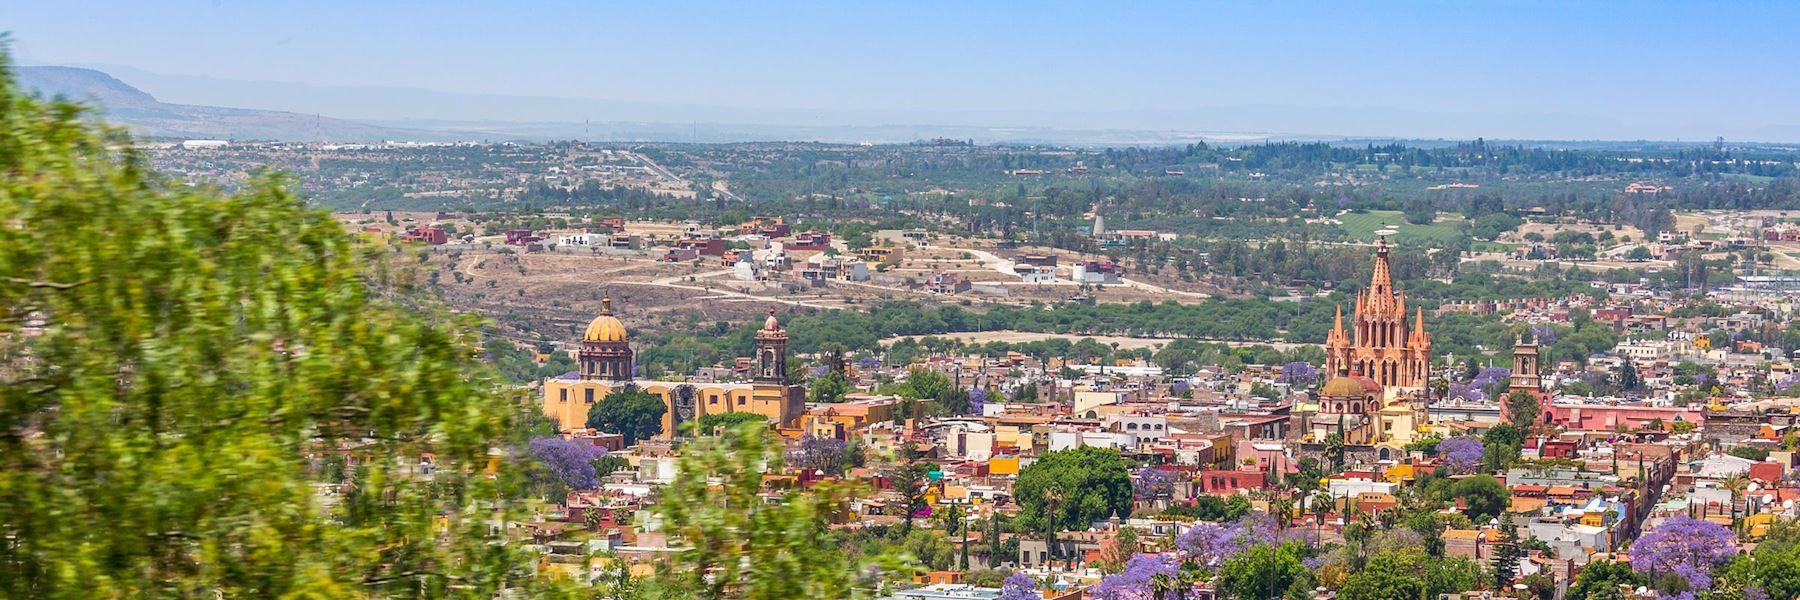 Visit San Miguel de Allende, Mexico